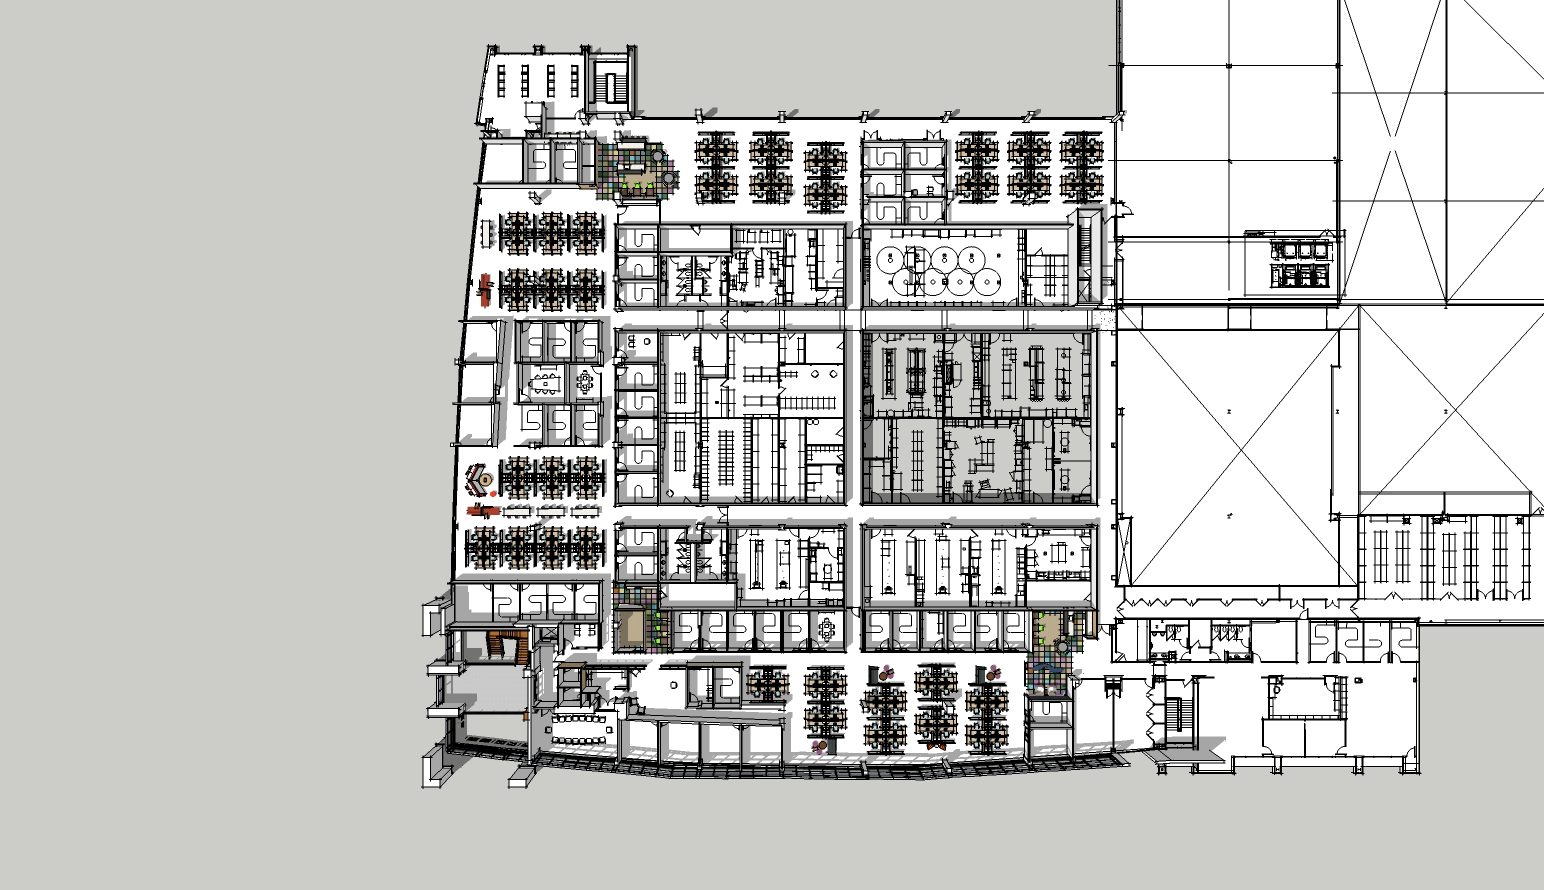 DSM Office Plan View.jpg